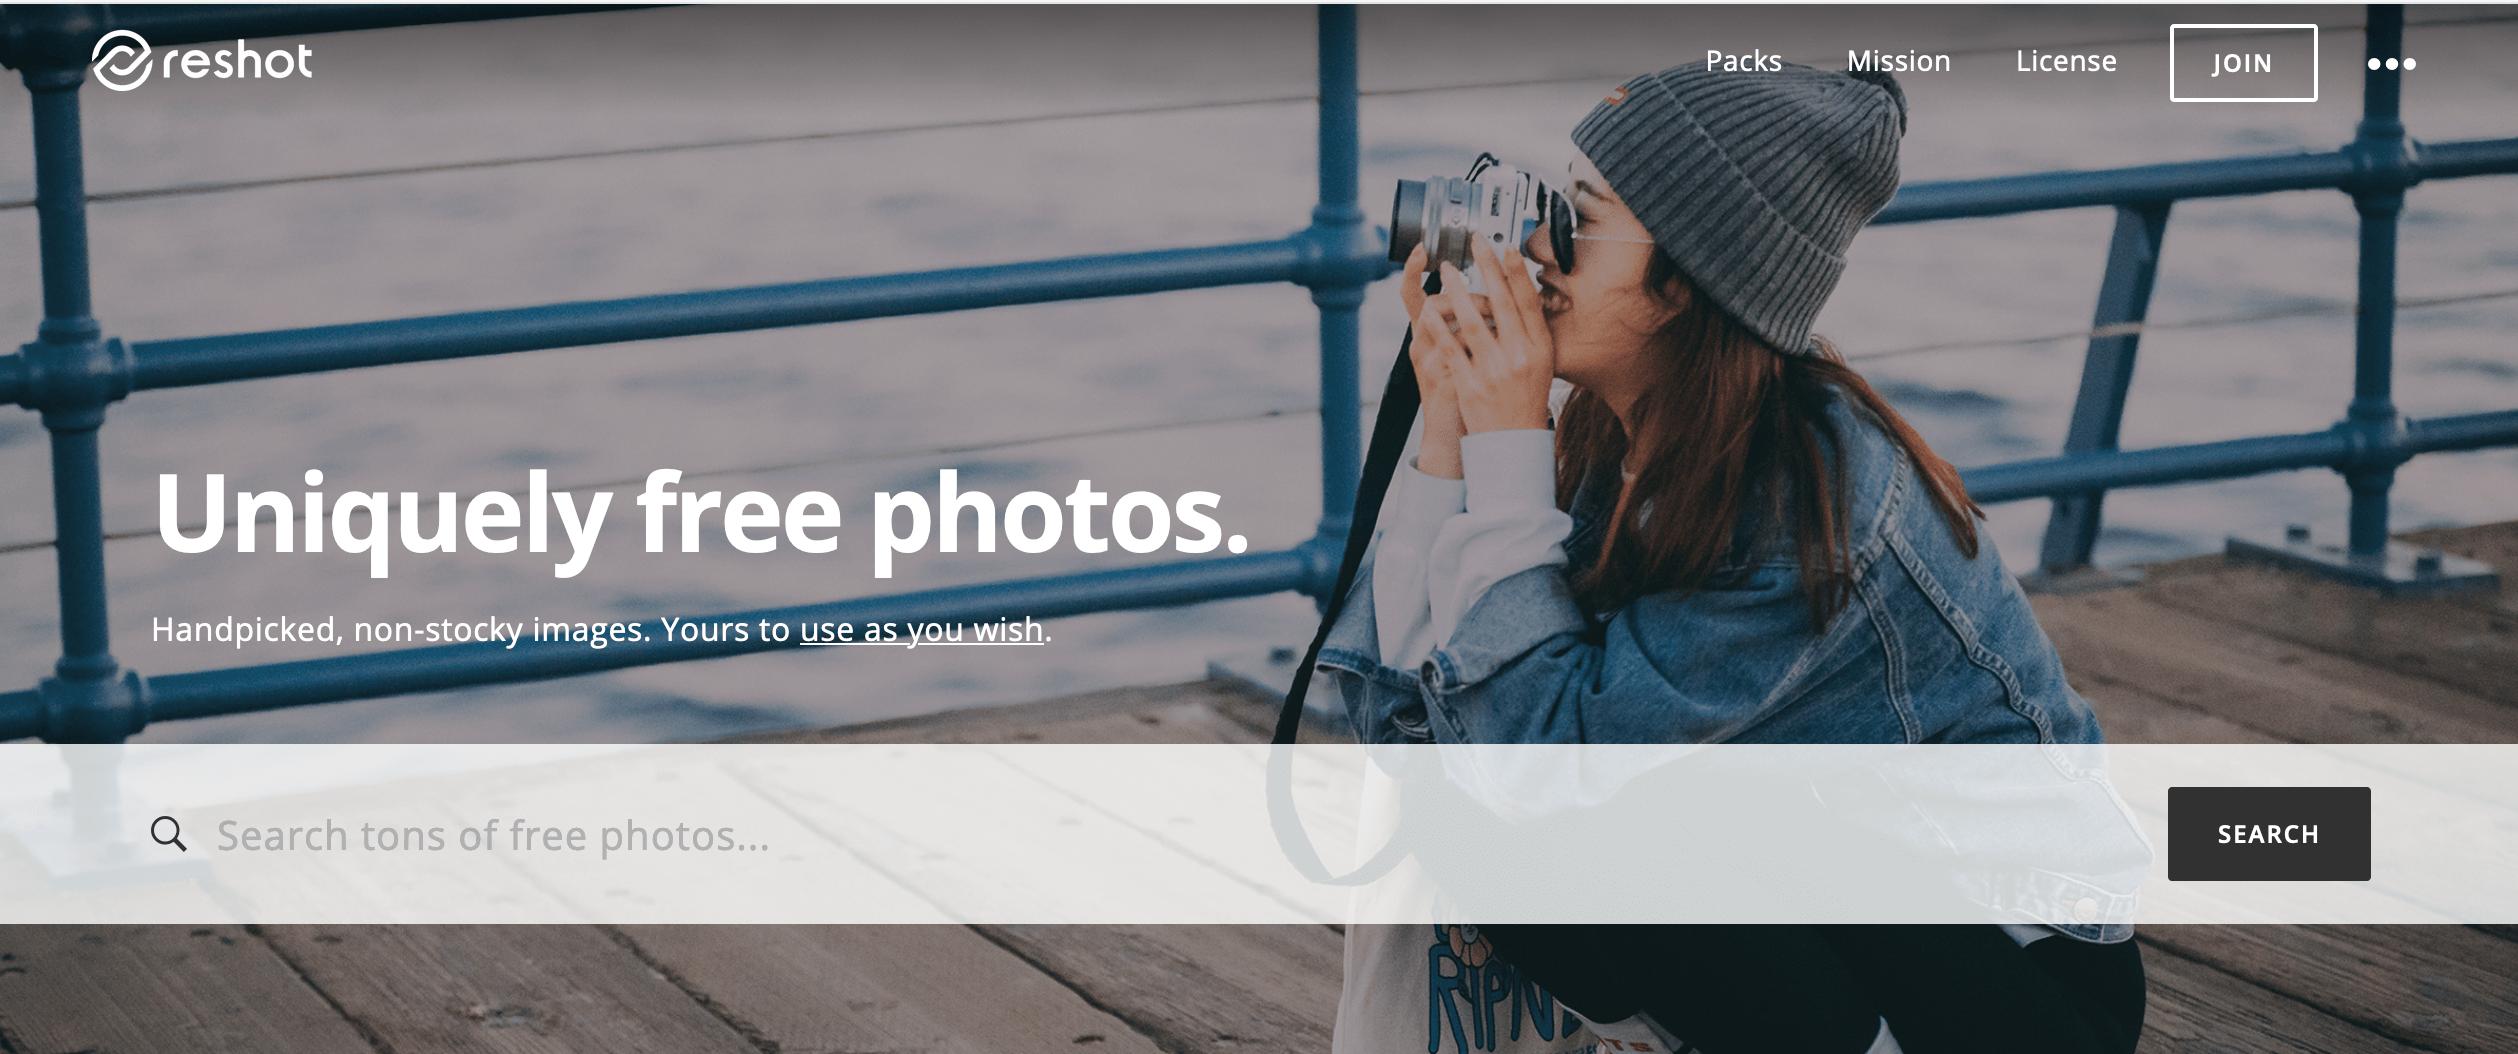 Reshot stock photo site